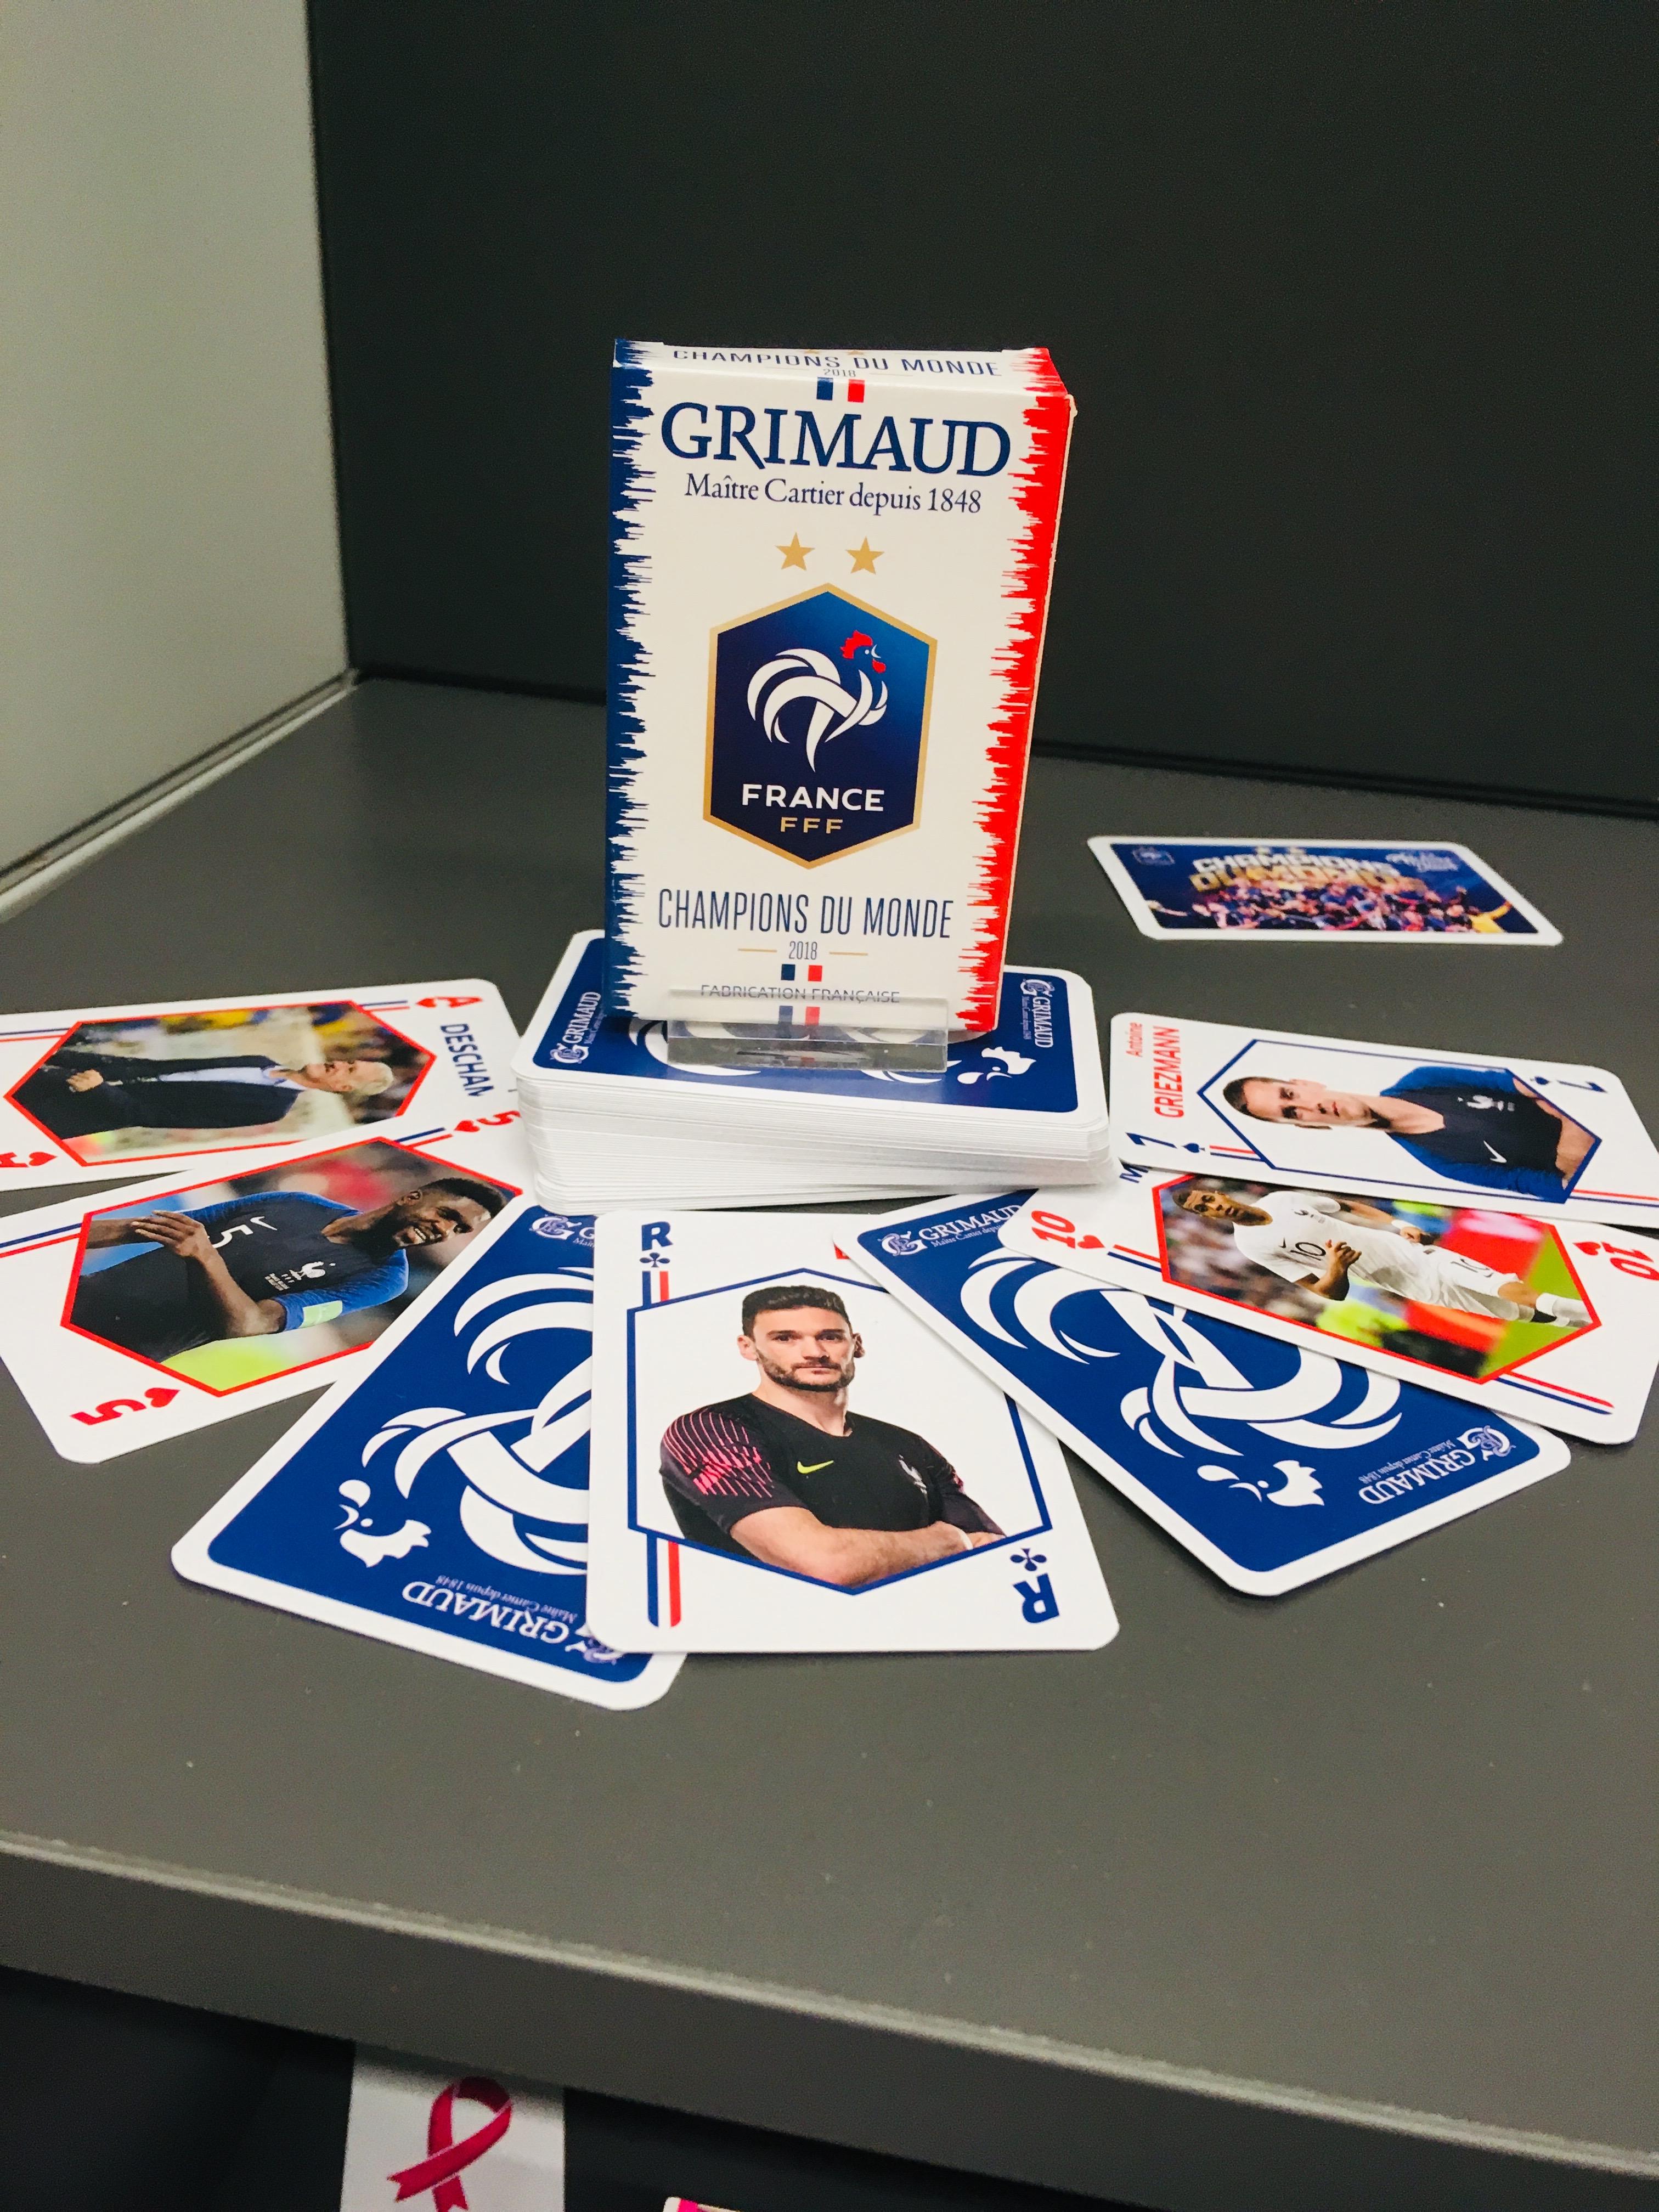 Stand de l'ACFJF avec Grimaud FFF Champions du Monde